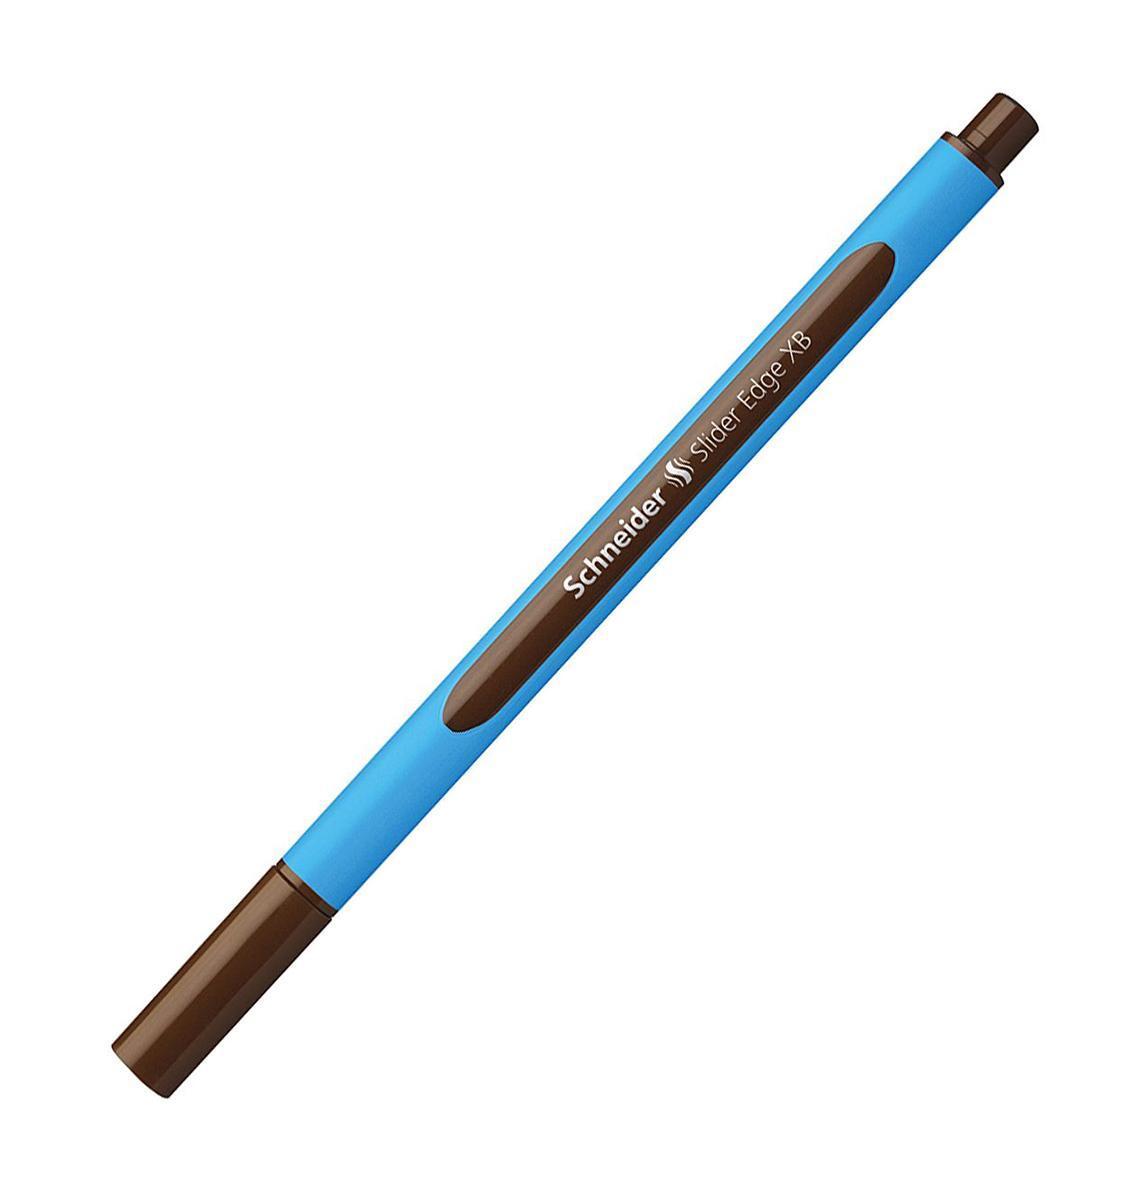 Ручка шариковая Slider Edge, XB - 1,0 мм, коричневый цвет чернил.S152207 S1522-01/7